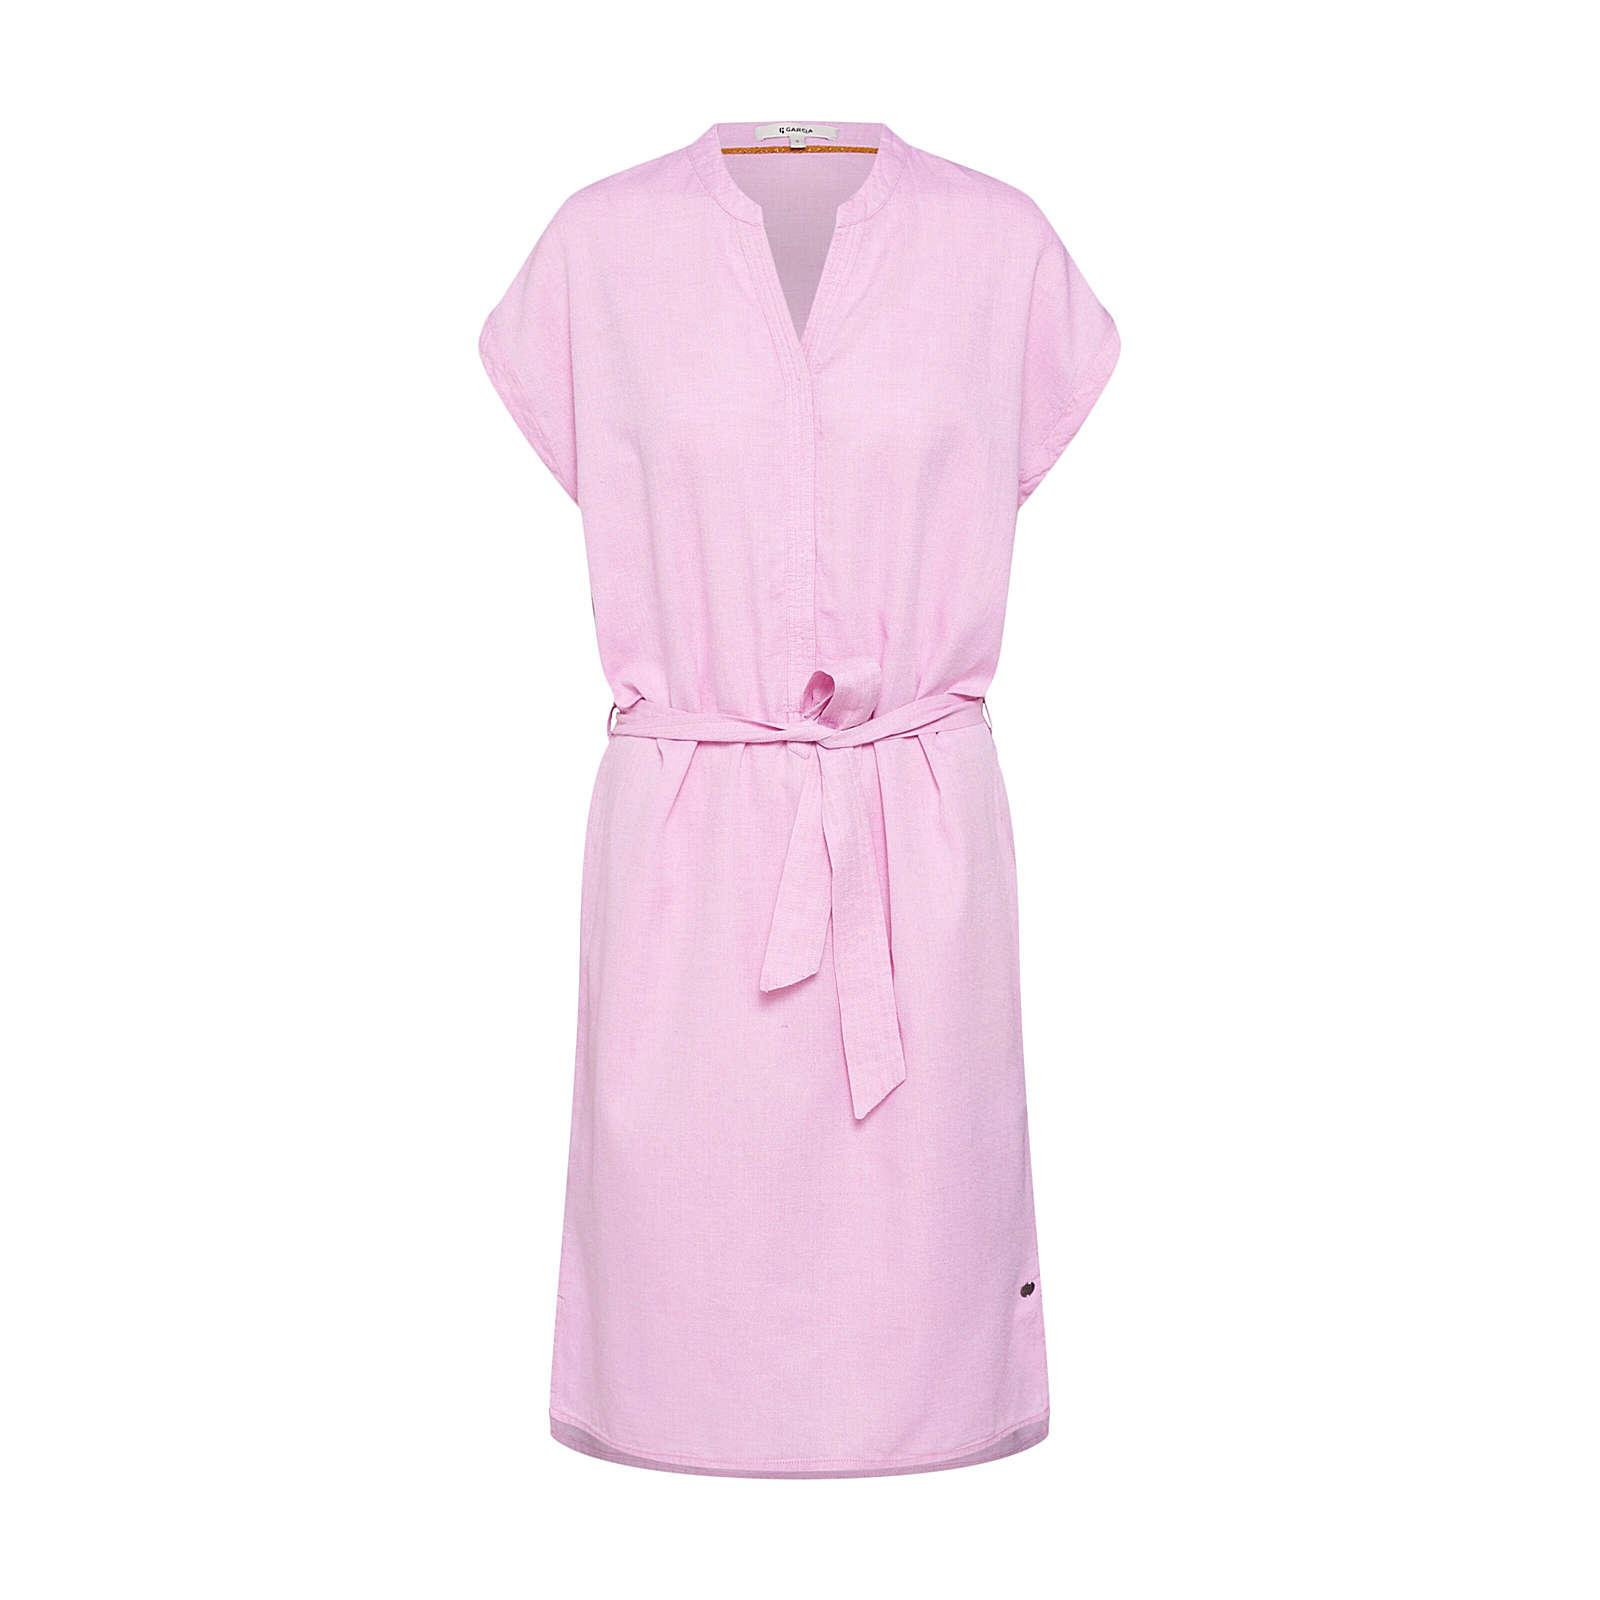 GARCIA Blusenkleid Blusenkleider pink Damen Gr. 40